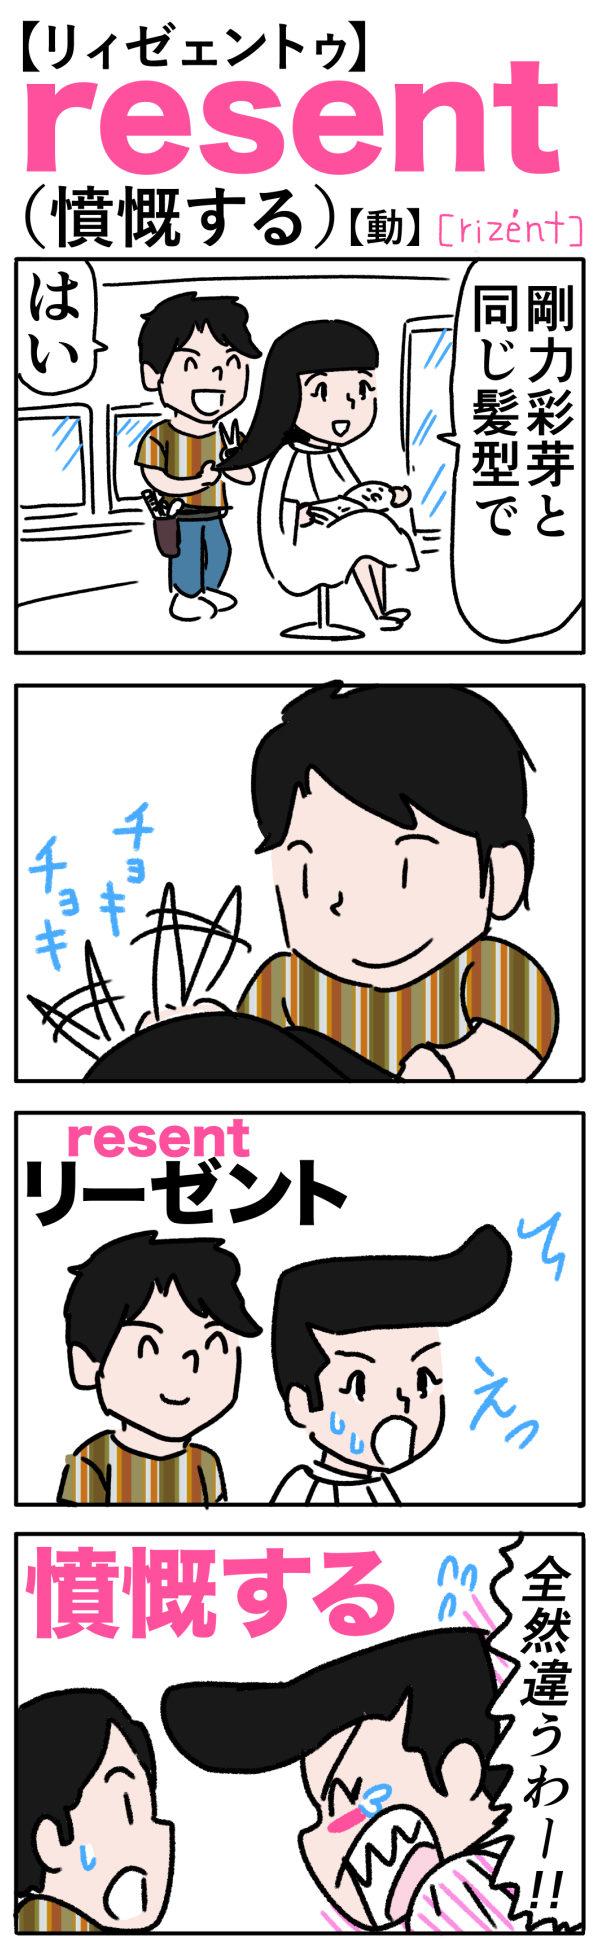 resent(憤慨する)の語呂合わせ英単語